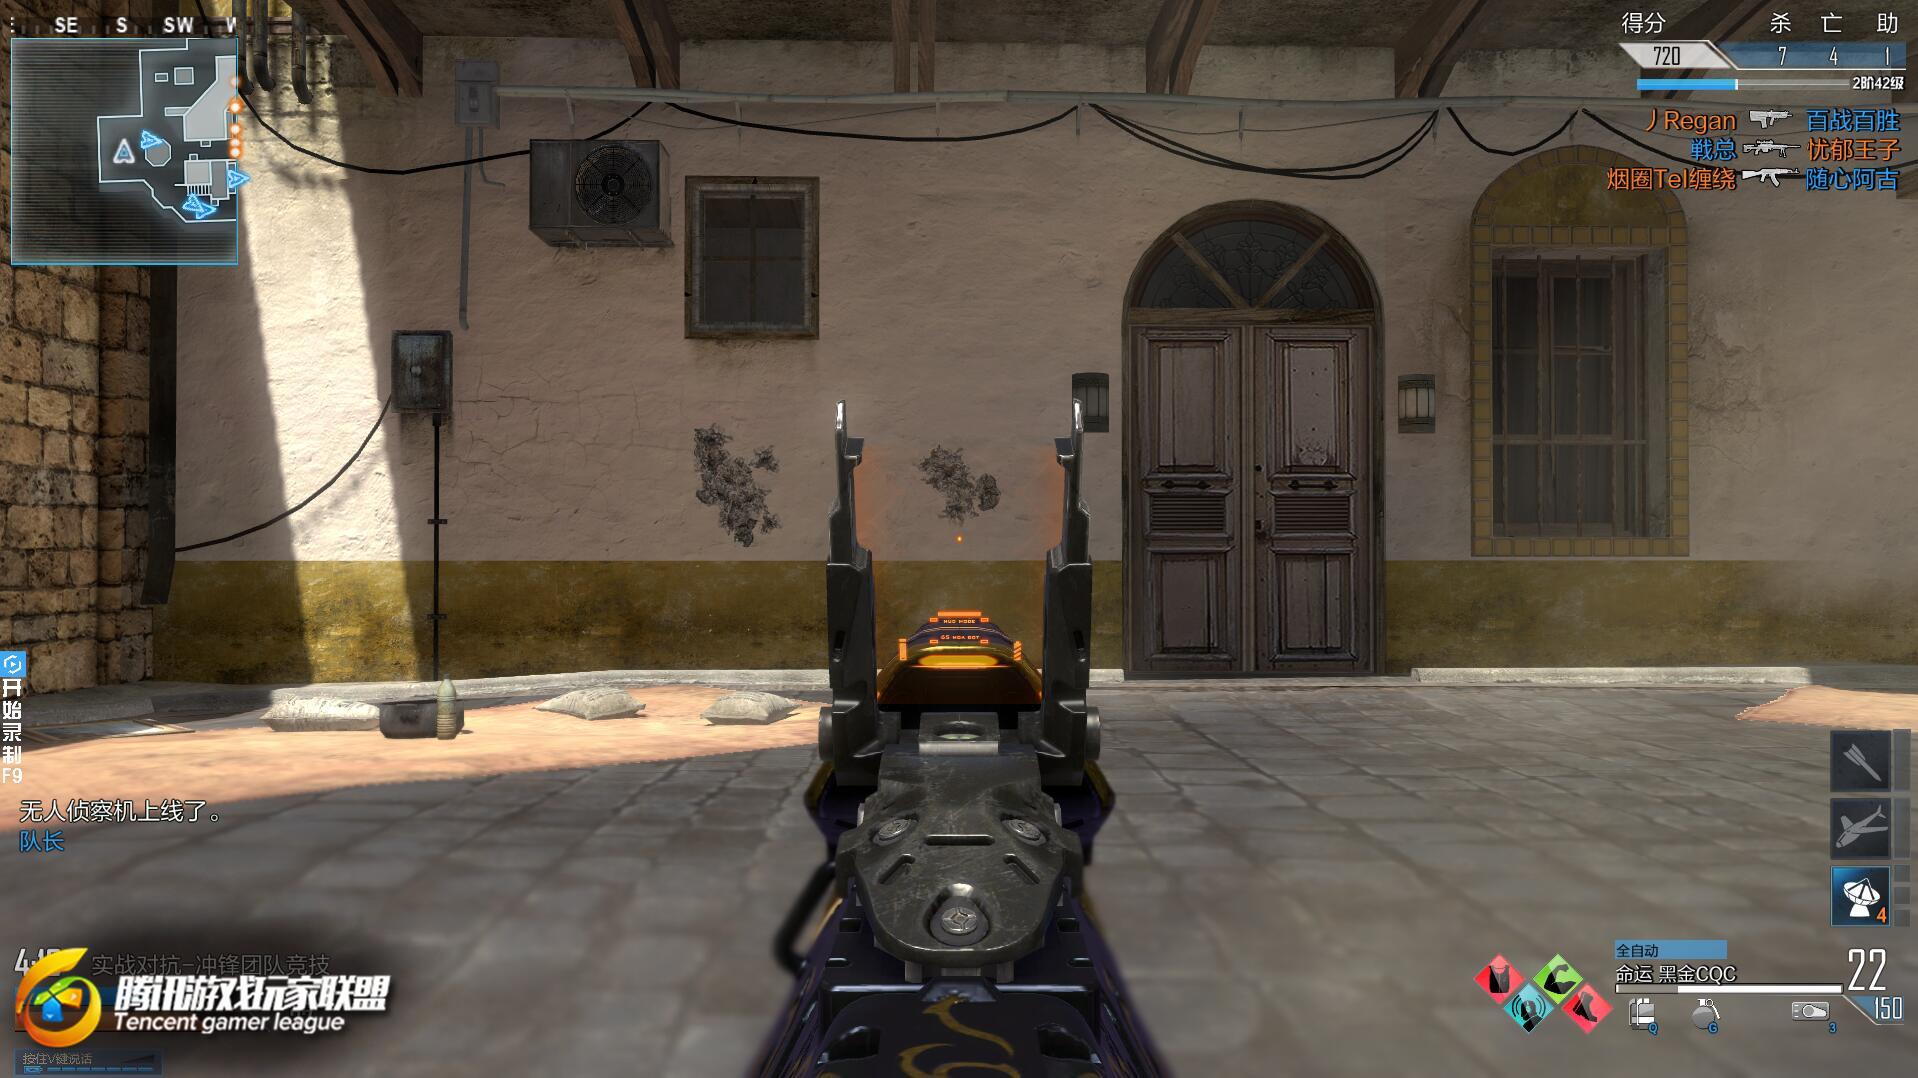 使命召唤OL命运微型冲锋枪形态的玩法介绍